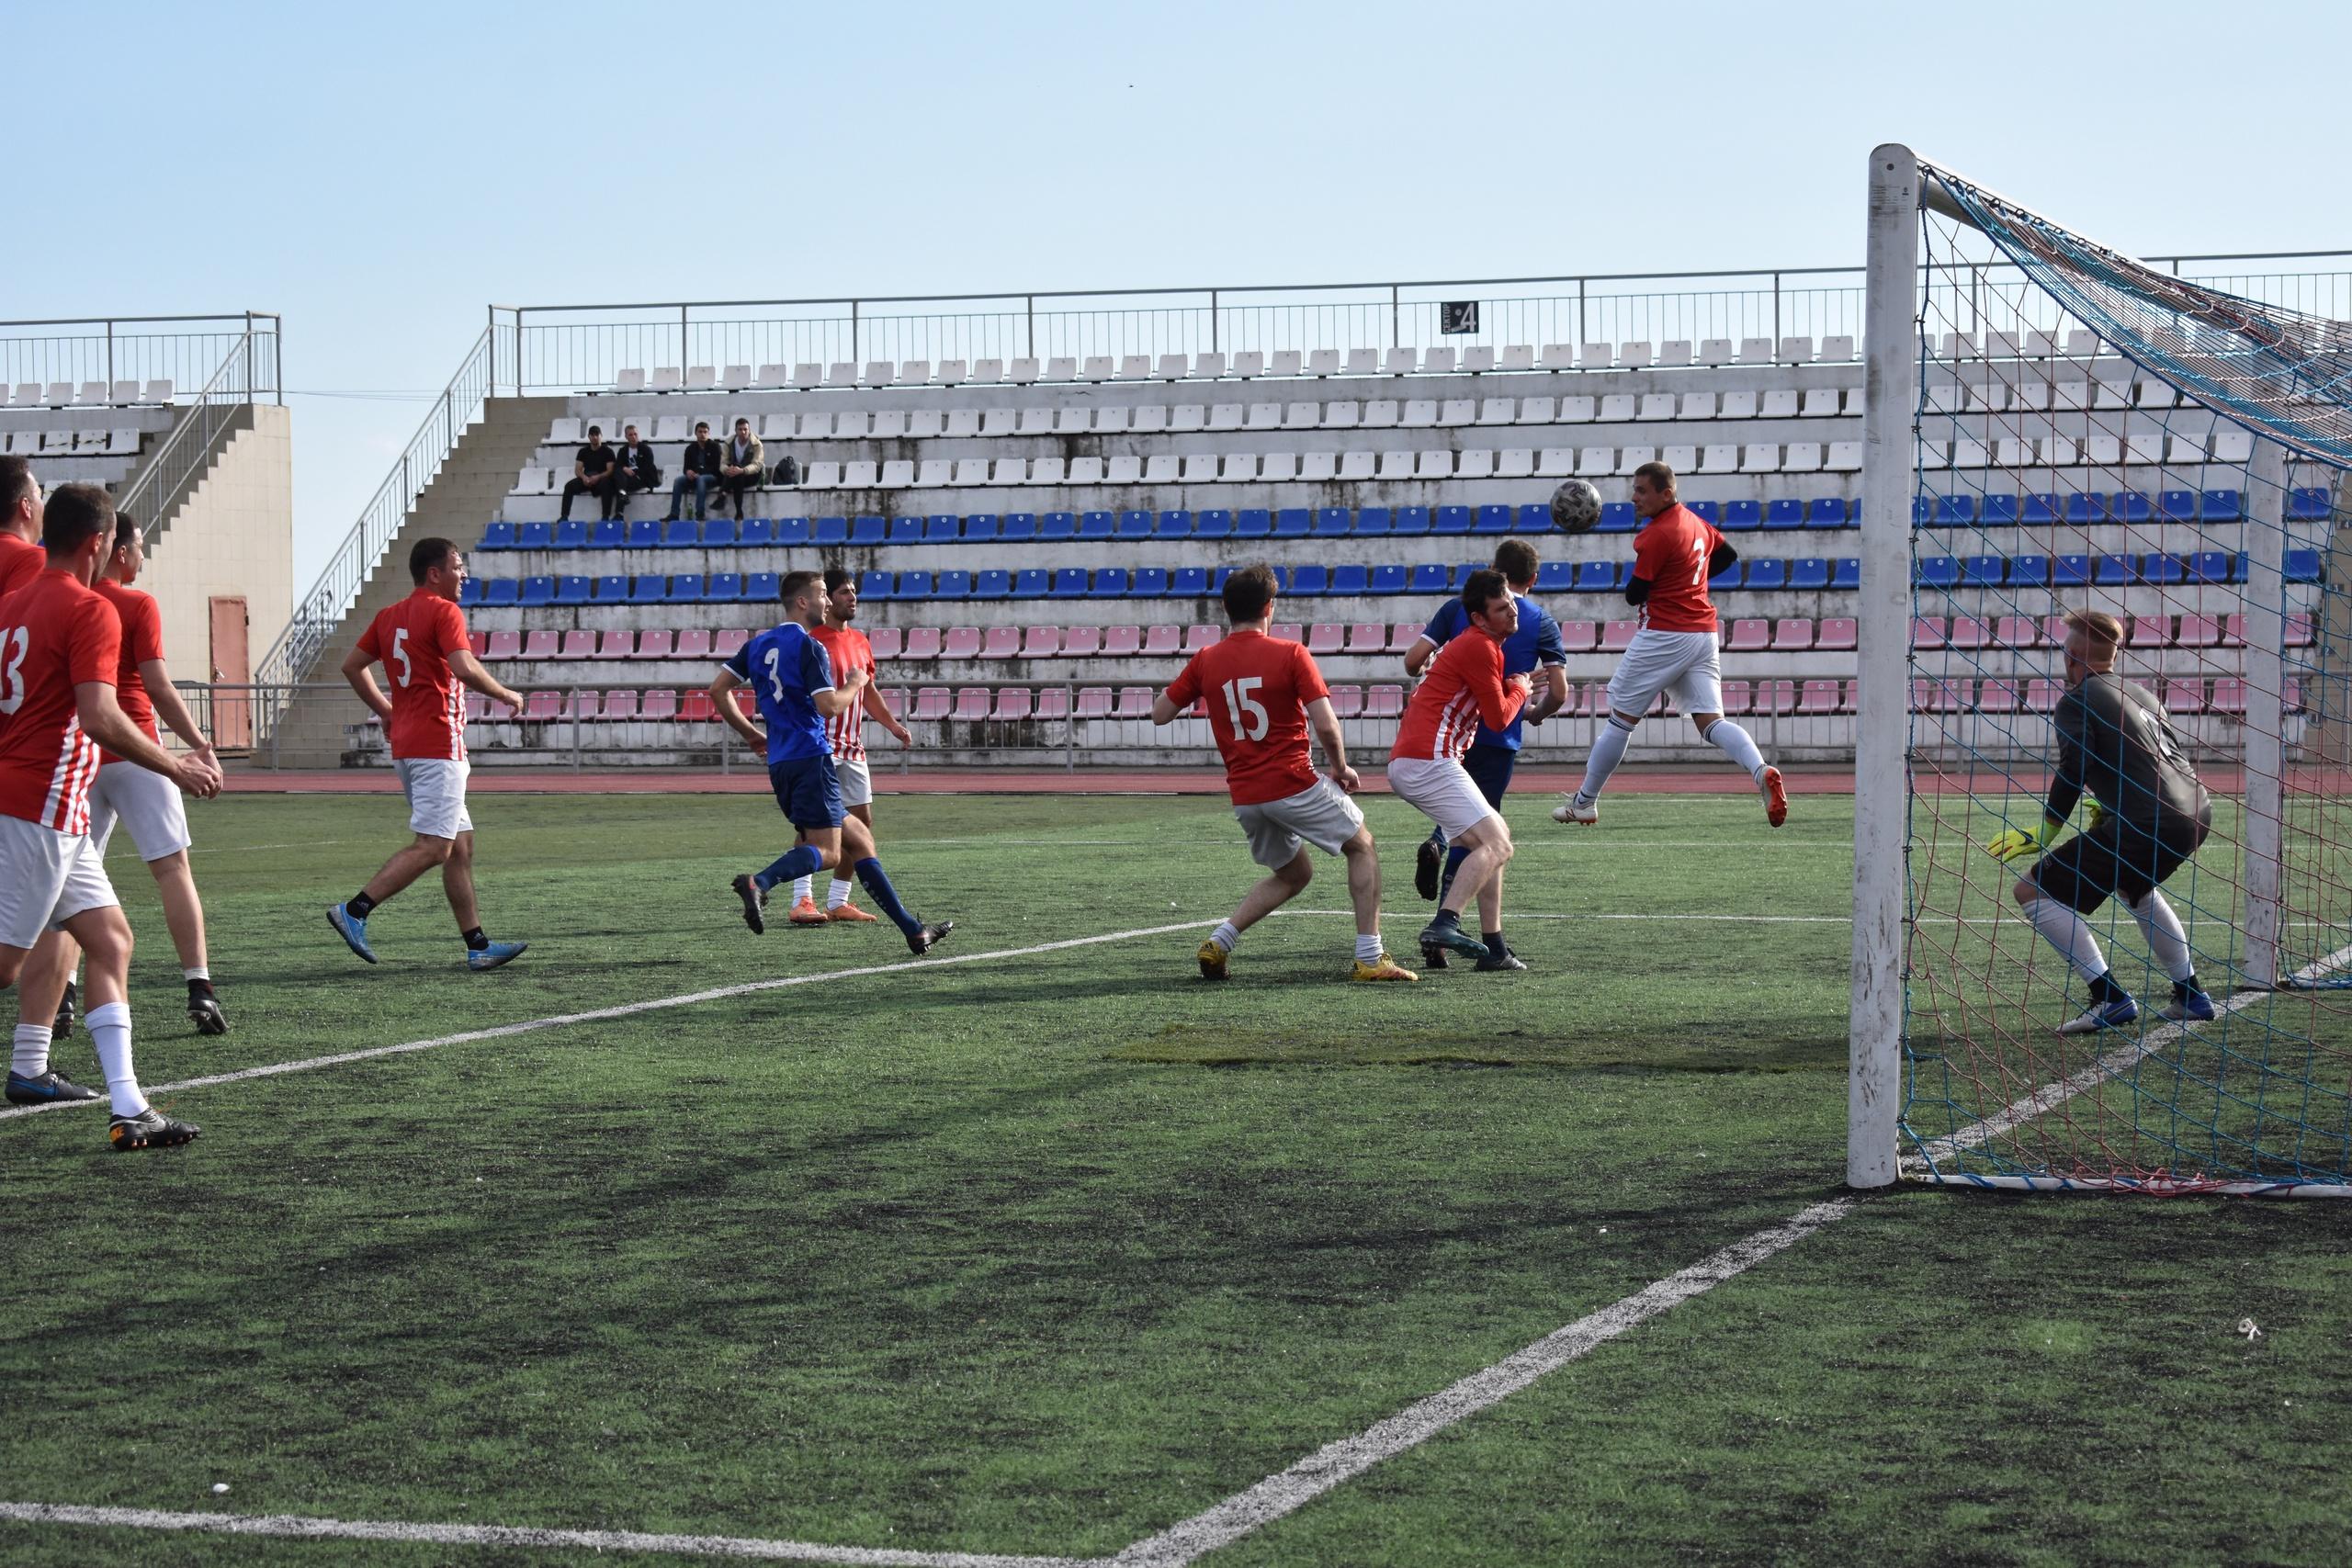 Кубок главы города Туапсе по футболу завоевала команда «Порт»